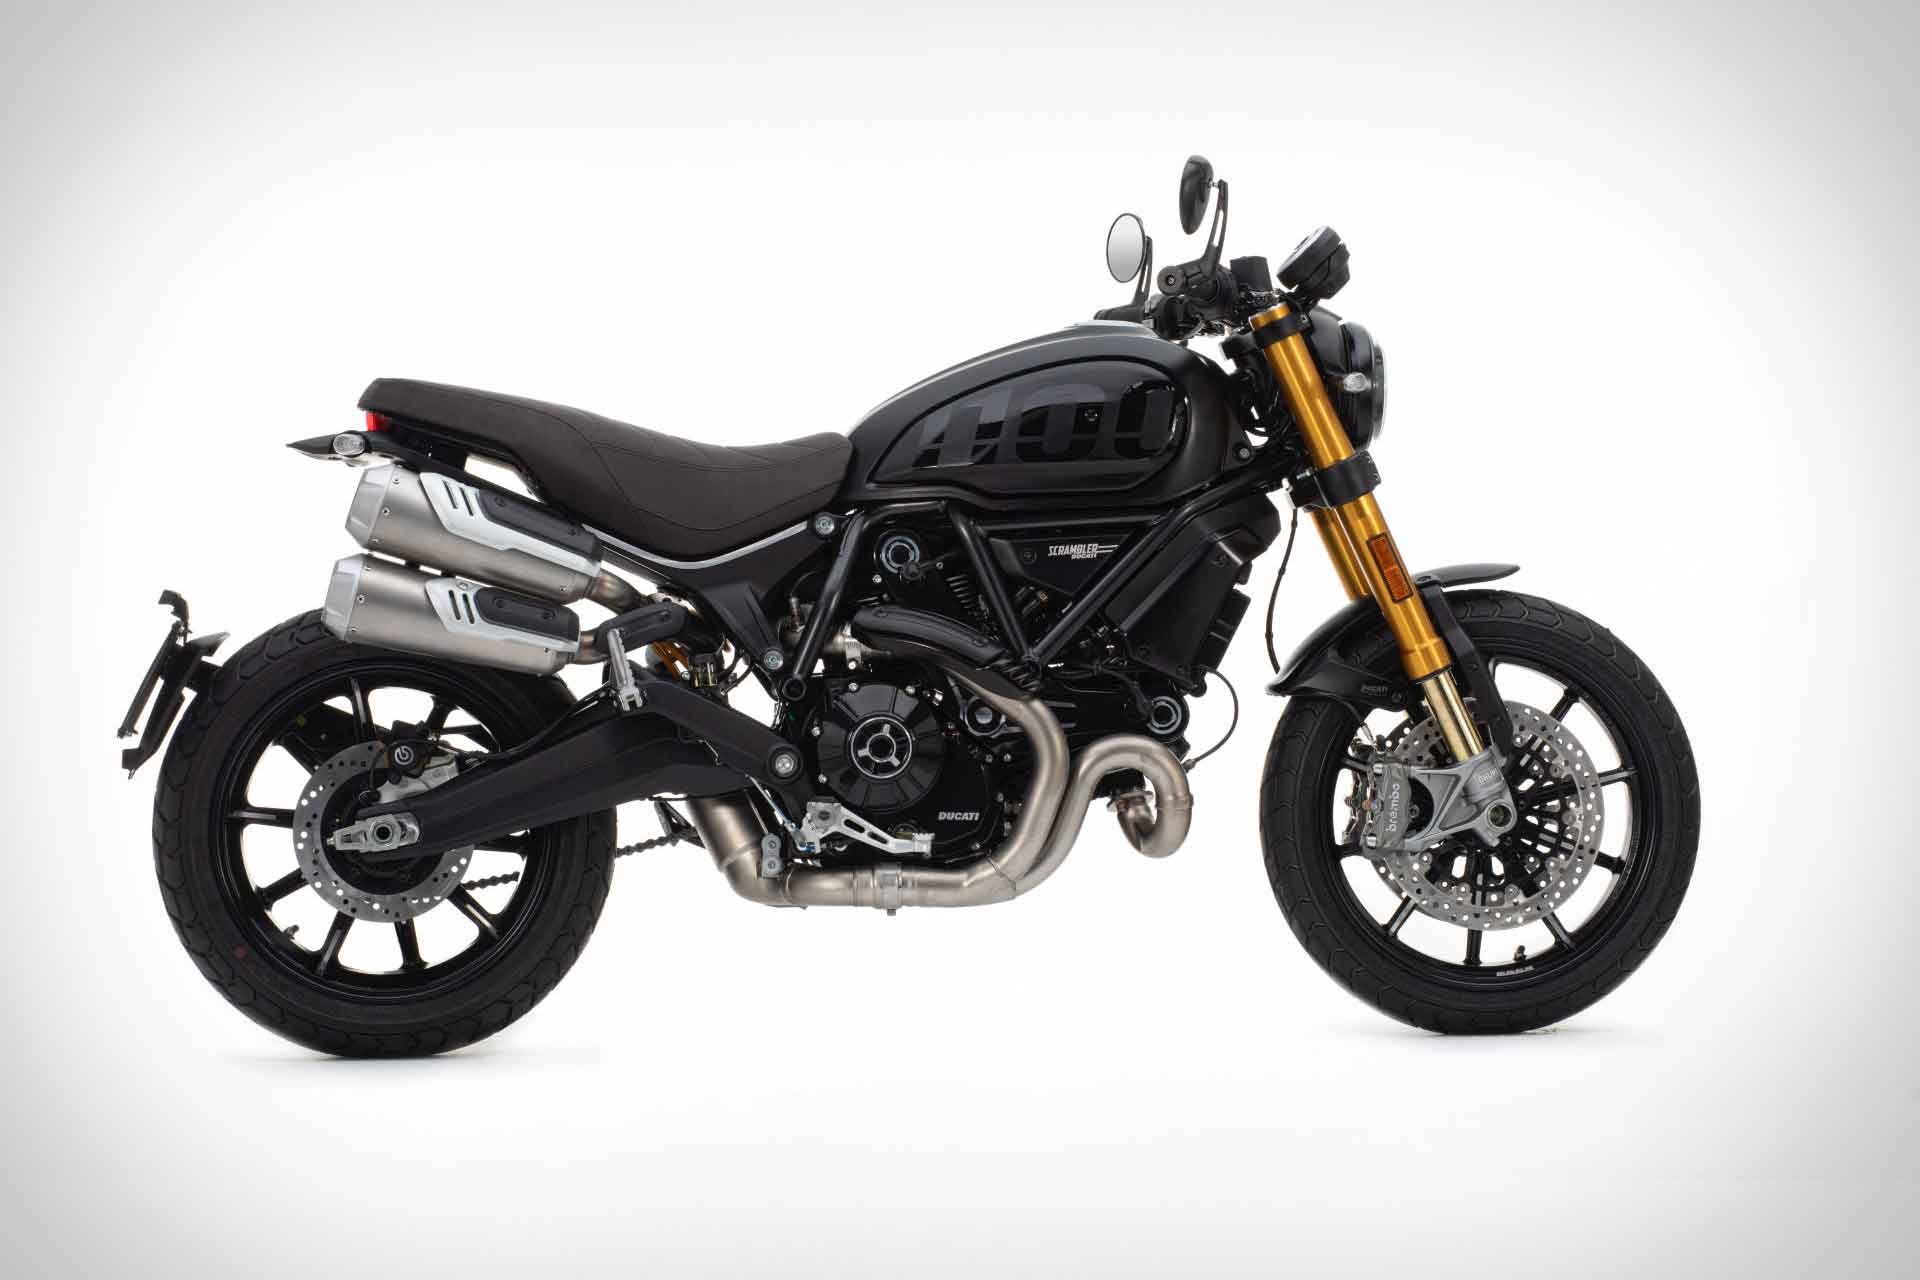 Ducati Scrambler 1100 Sport Pro Motorcycle